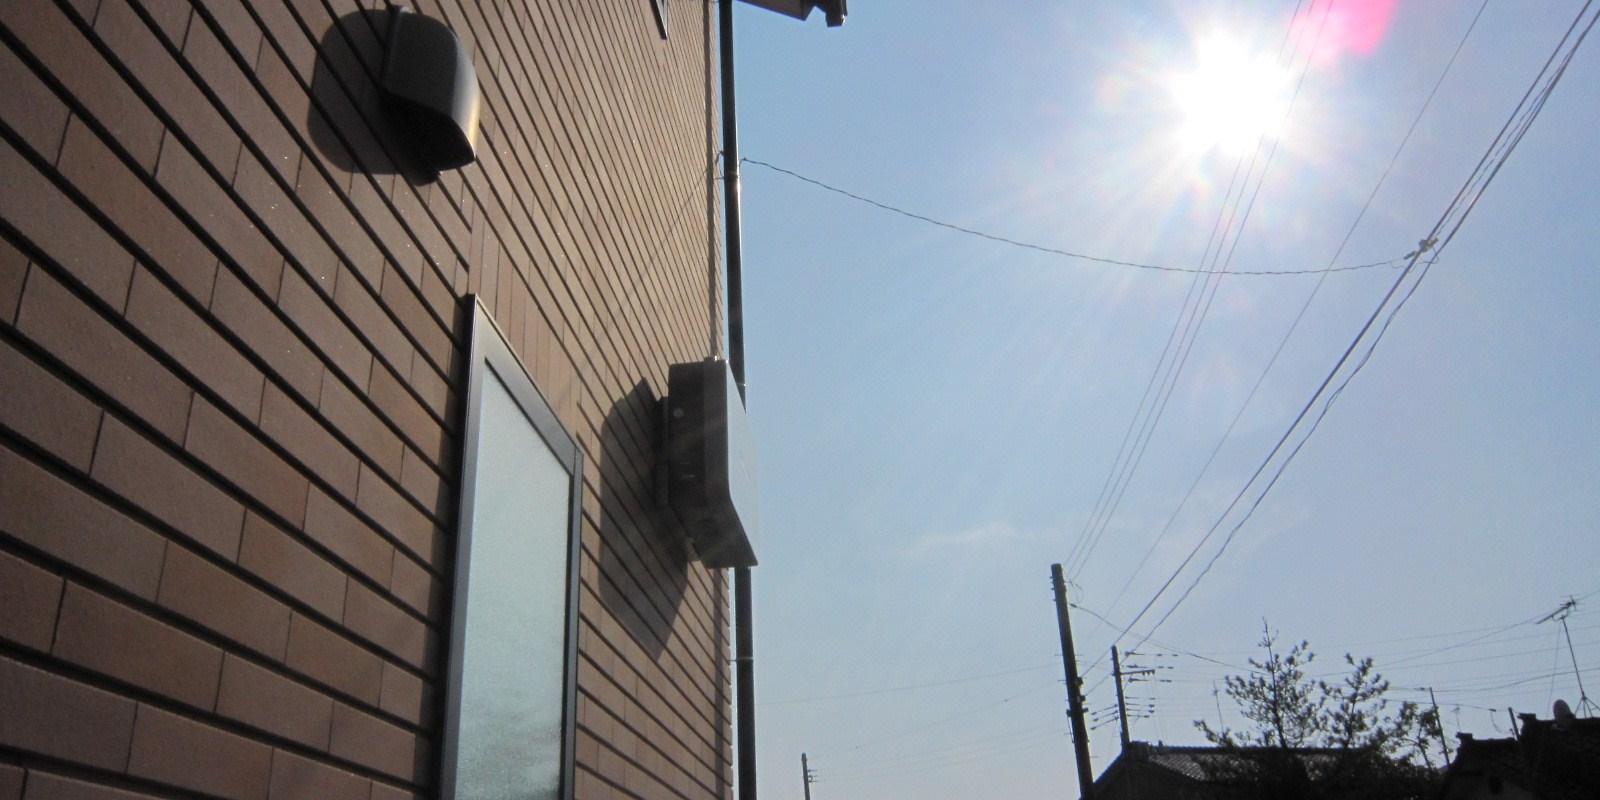 パワコンへの直射日光 : さんさんルル